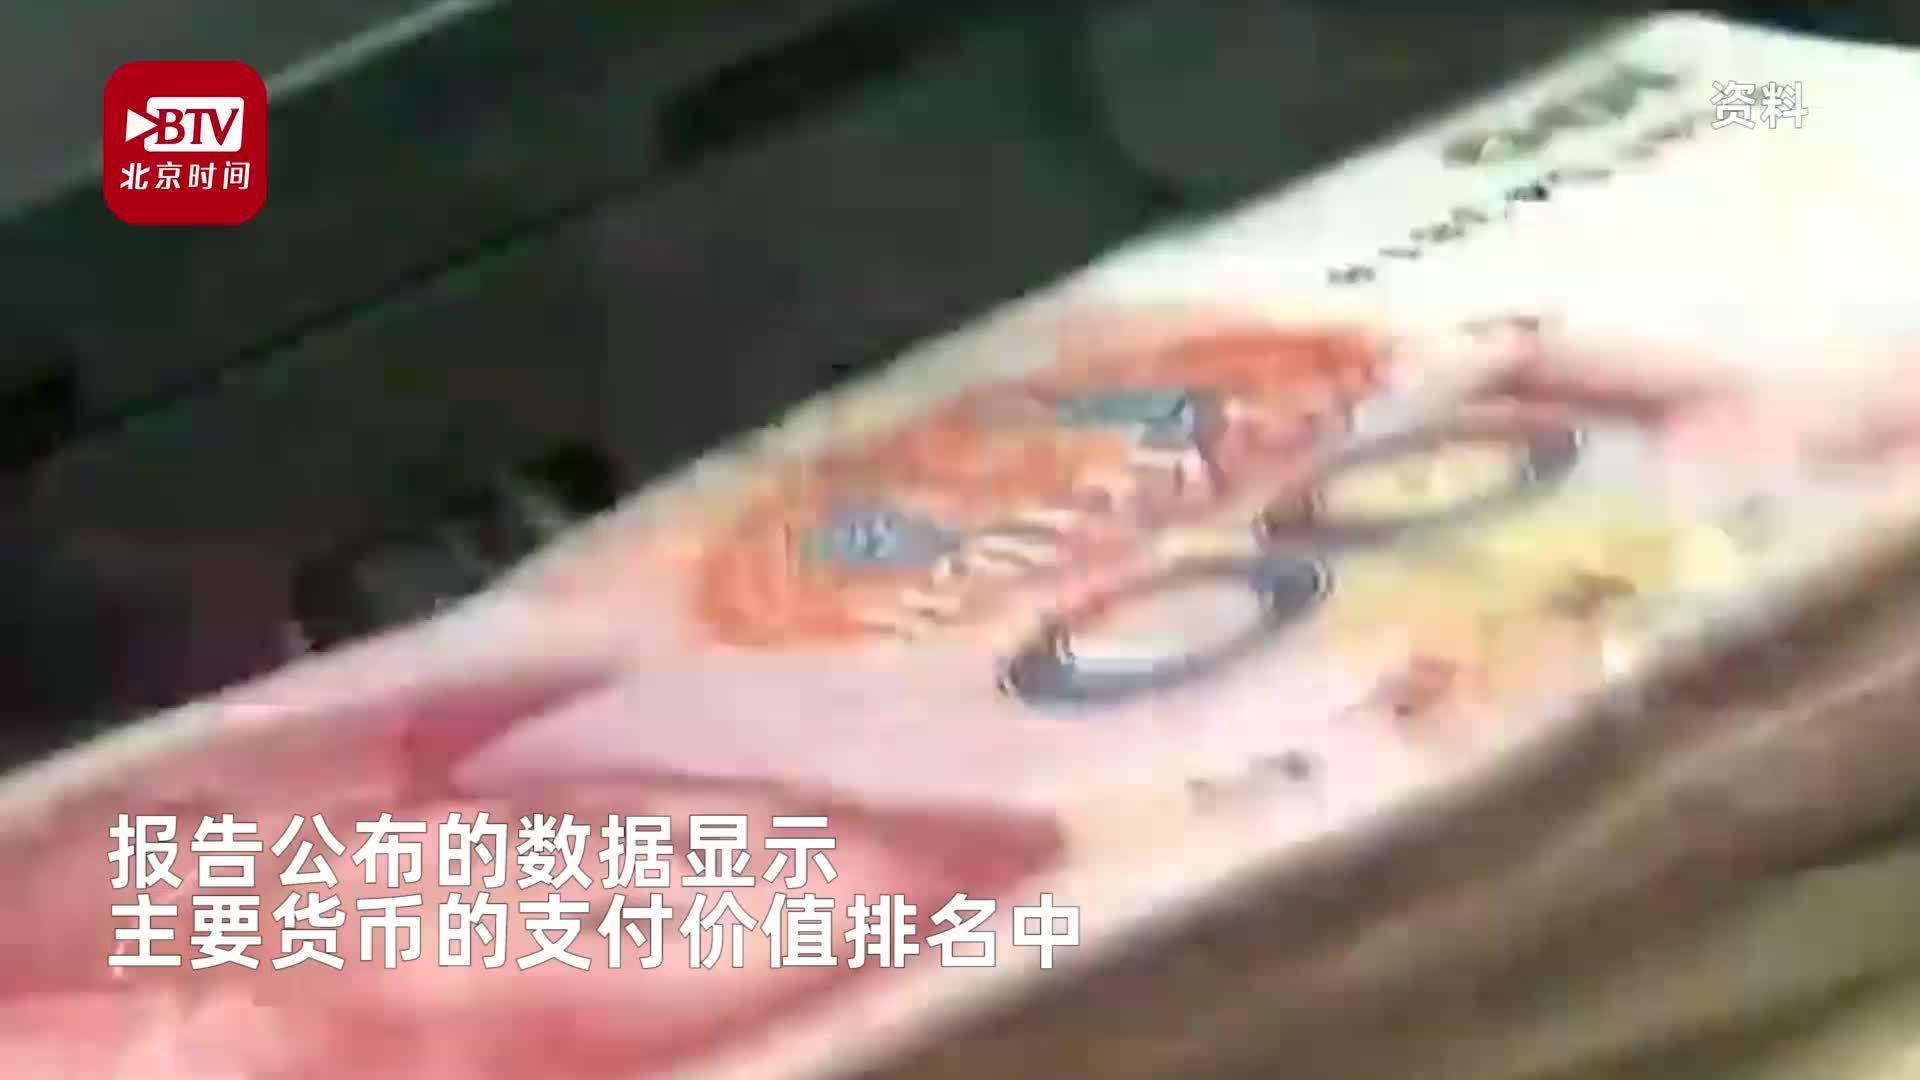 人民币国际支付占比回升 重回全球第五大最活跃货币